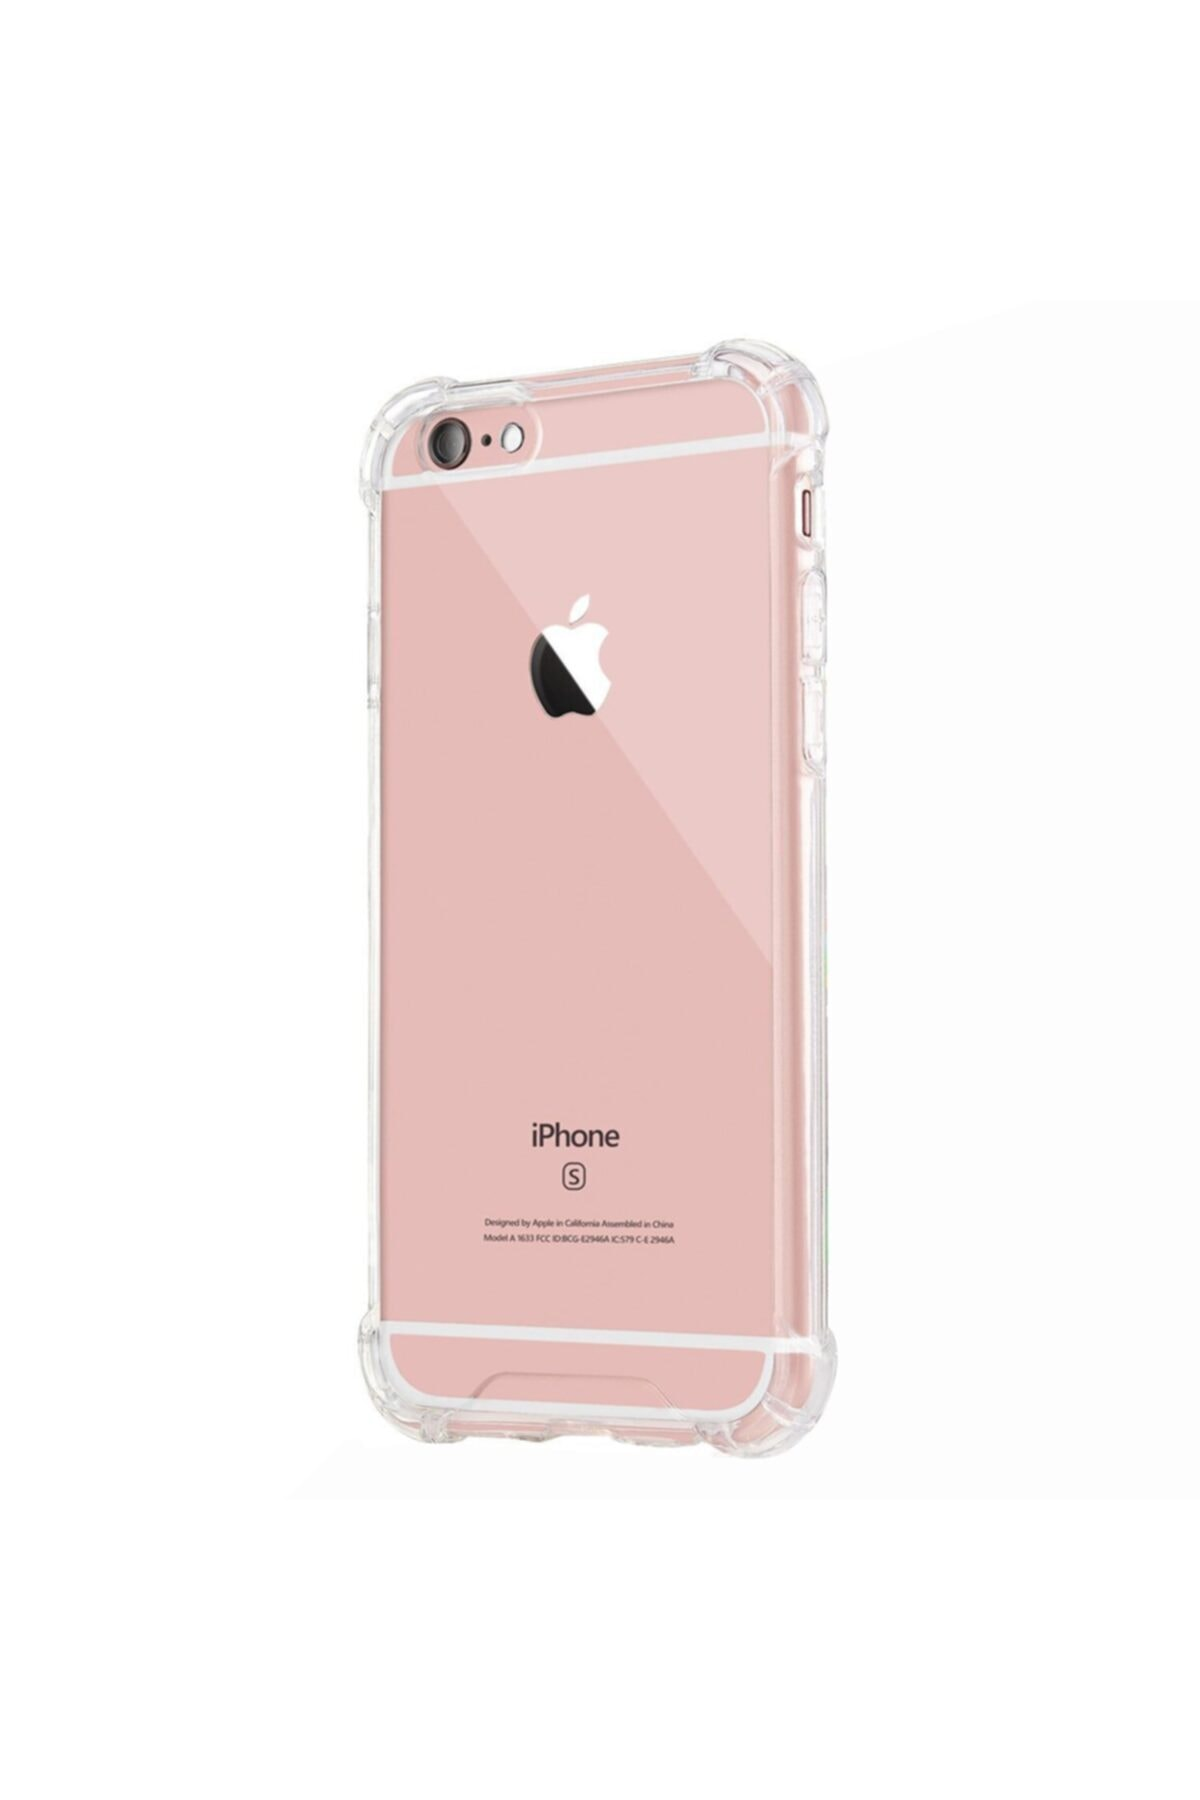 Mopal Iphone 6 / 6s Anti Şok Darbe Emici Silikon Şeffaf Kılıf Kapak 2